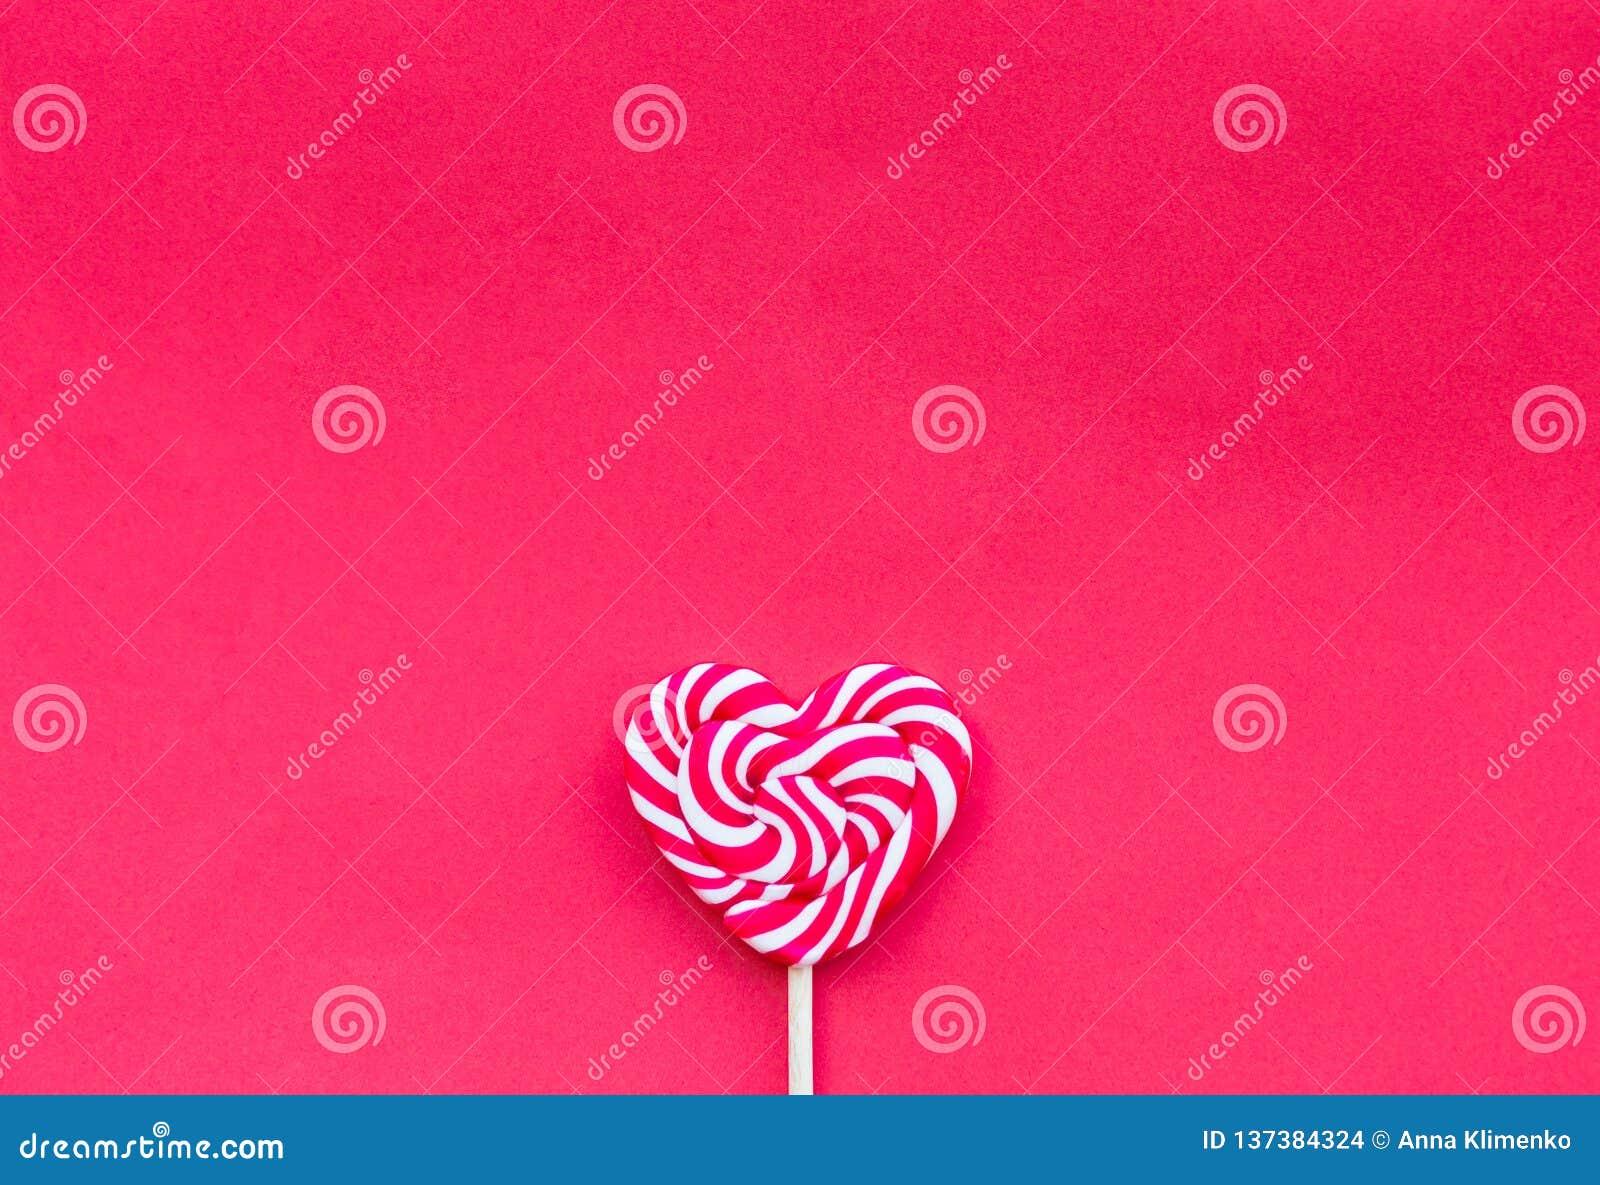 Lecca-lecca rossa di forma del focolare di giorno di S. Valentino sui precedenti rossi